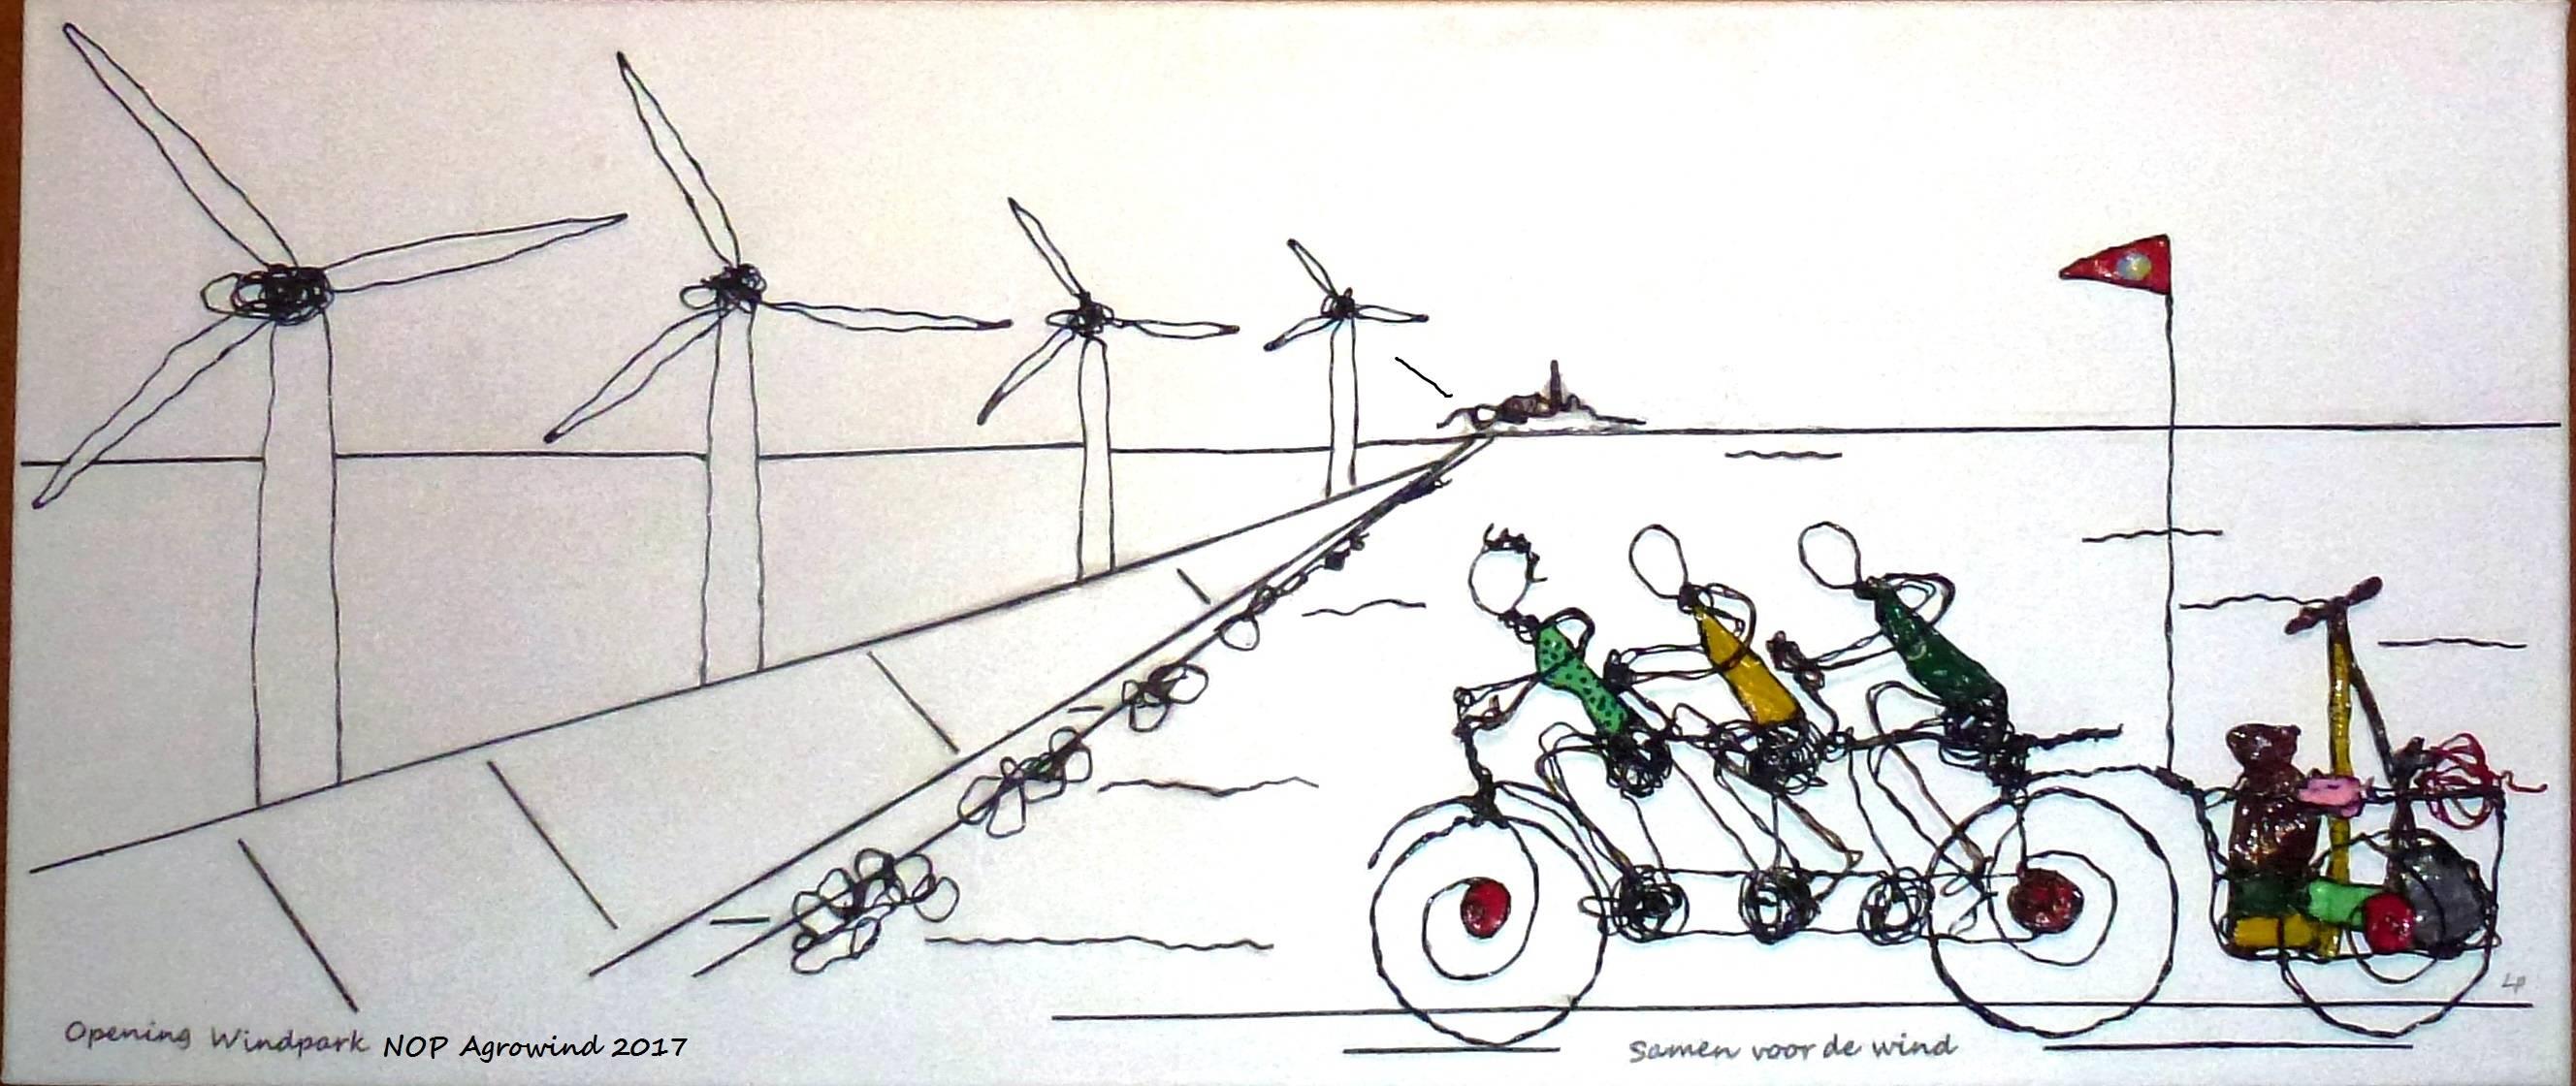 Opening Windpark NOP Agrowind